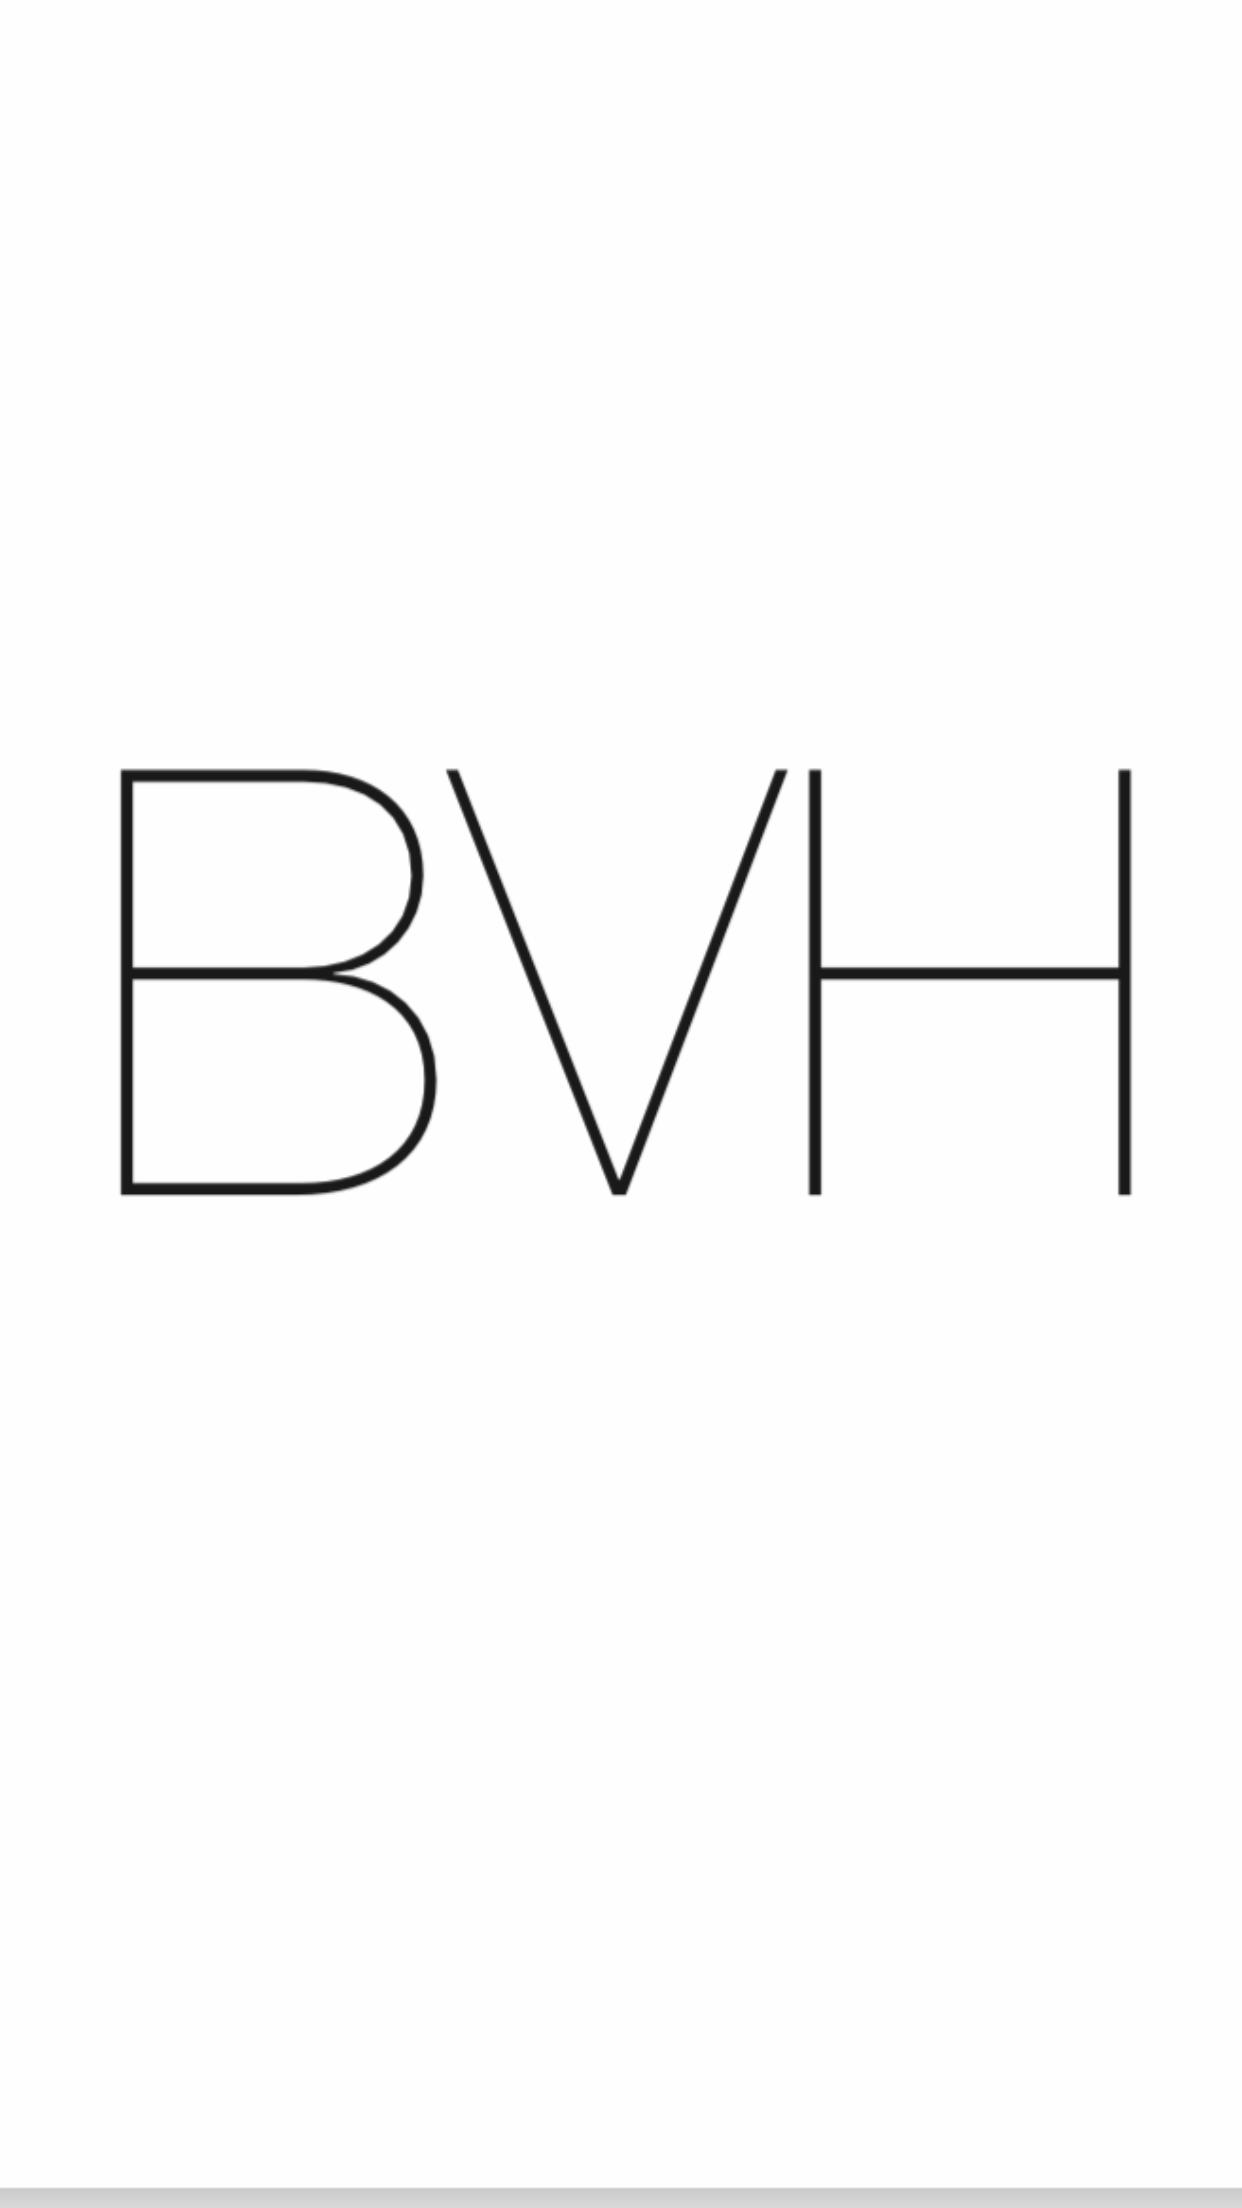 BVHART